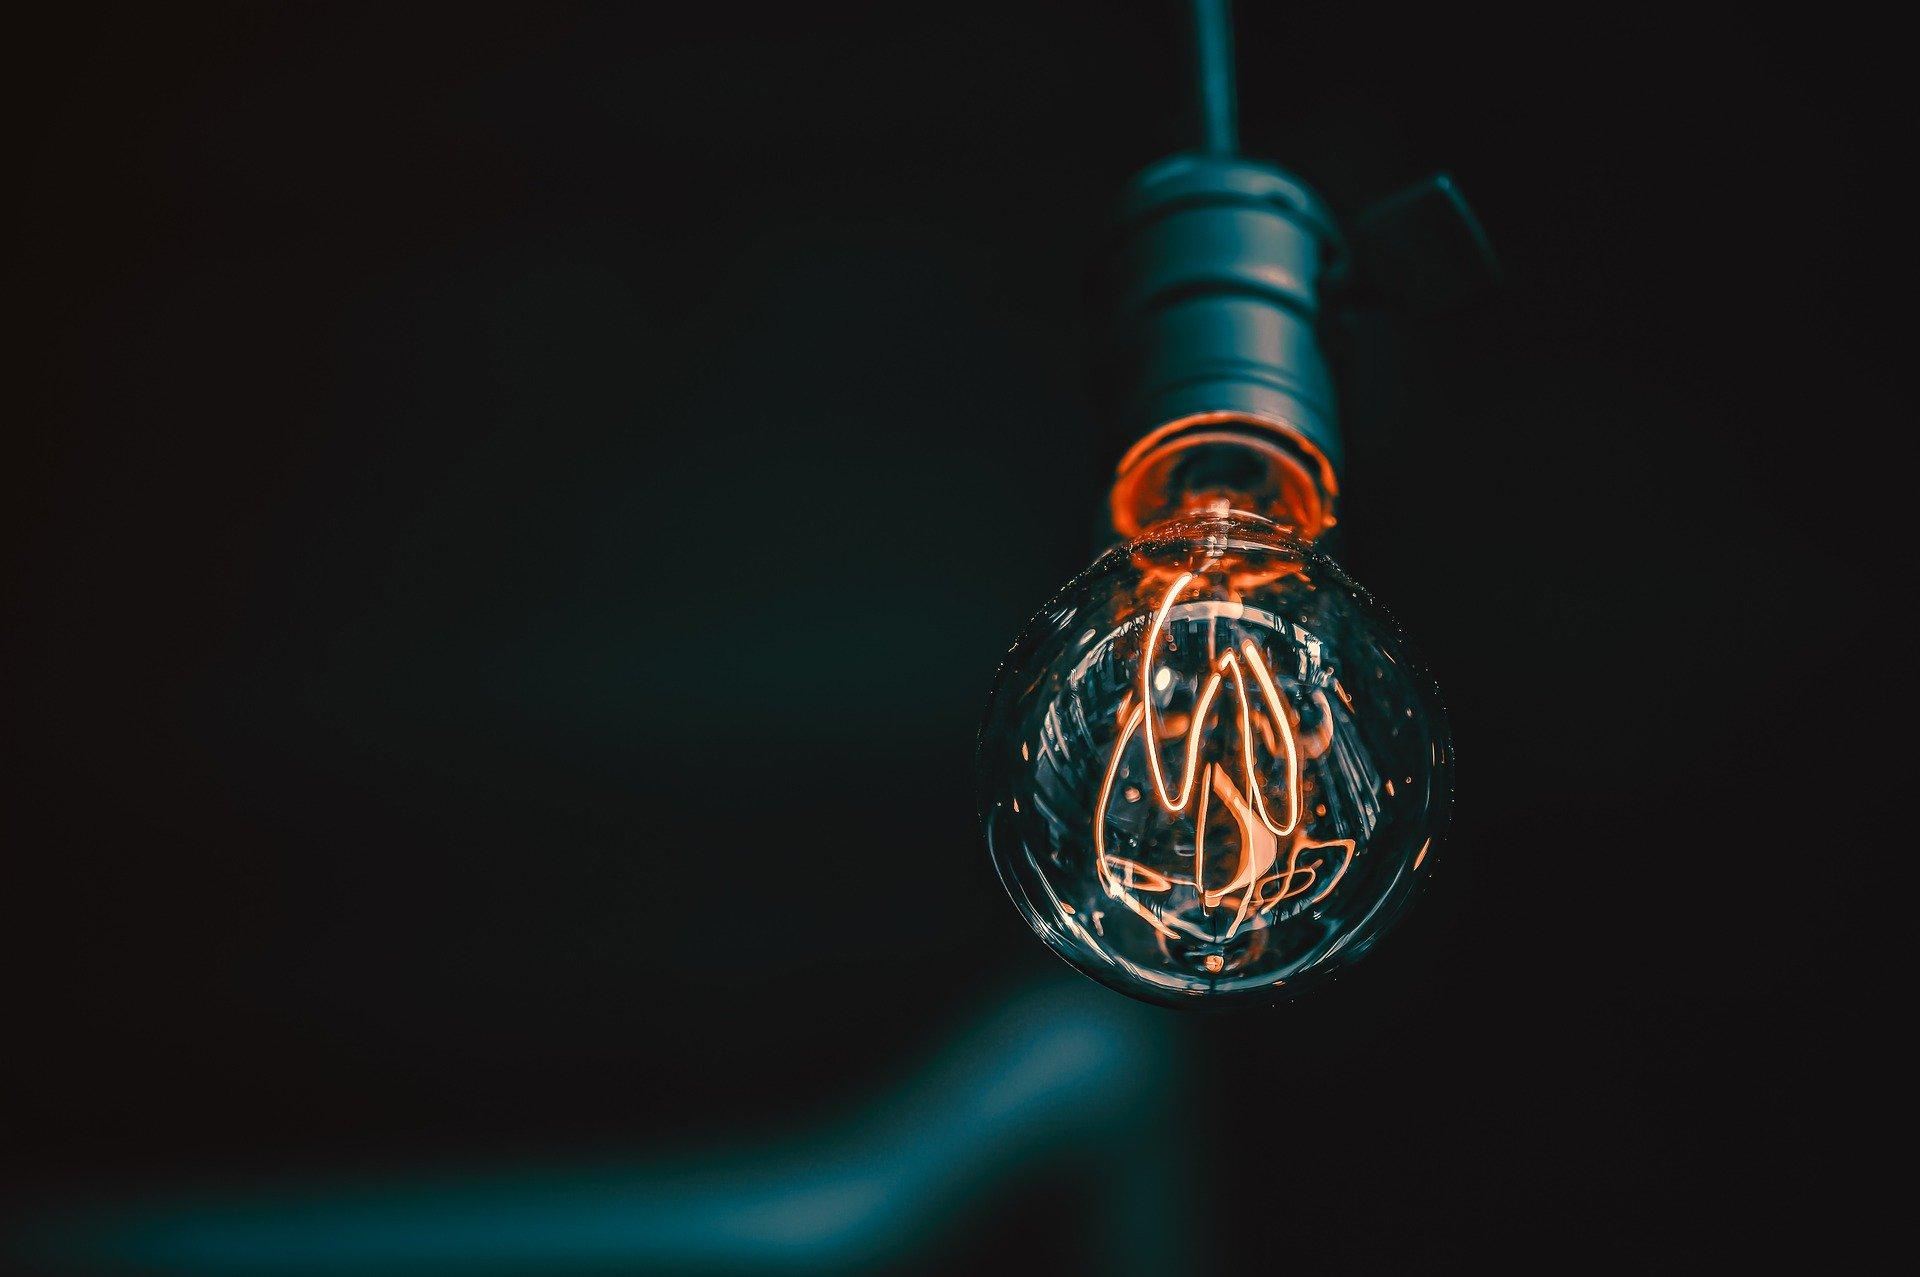 Idee om een bedrijf te beginnen. ondernemerschap en ADHD